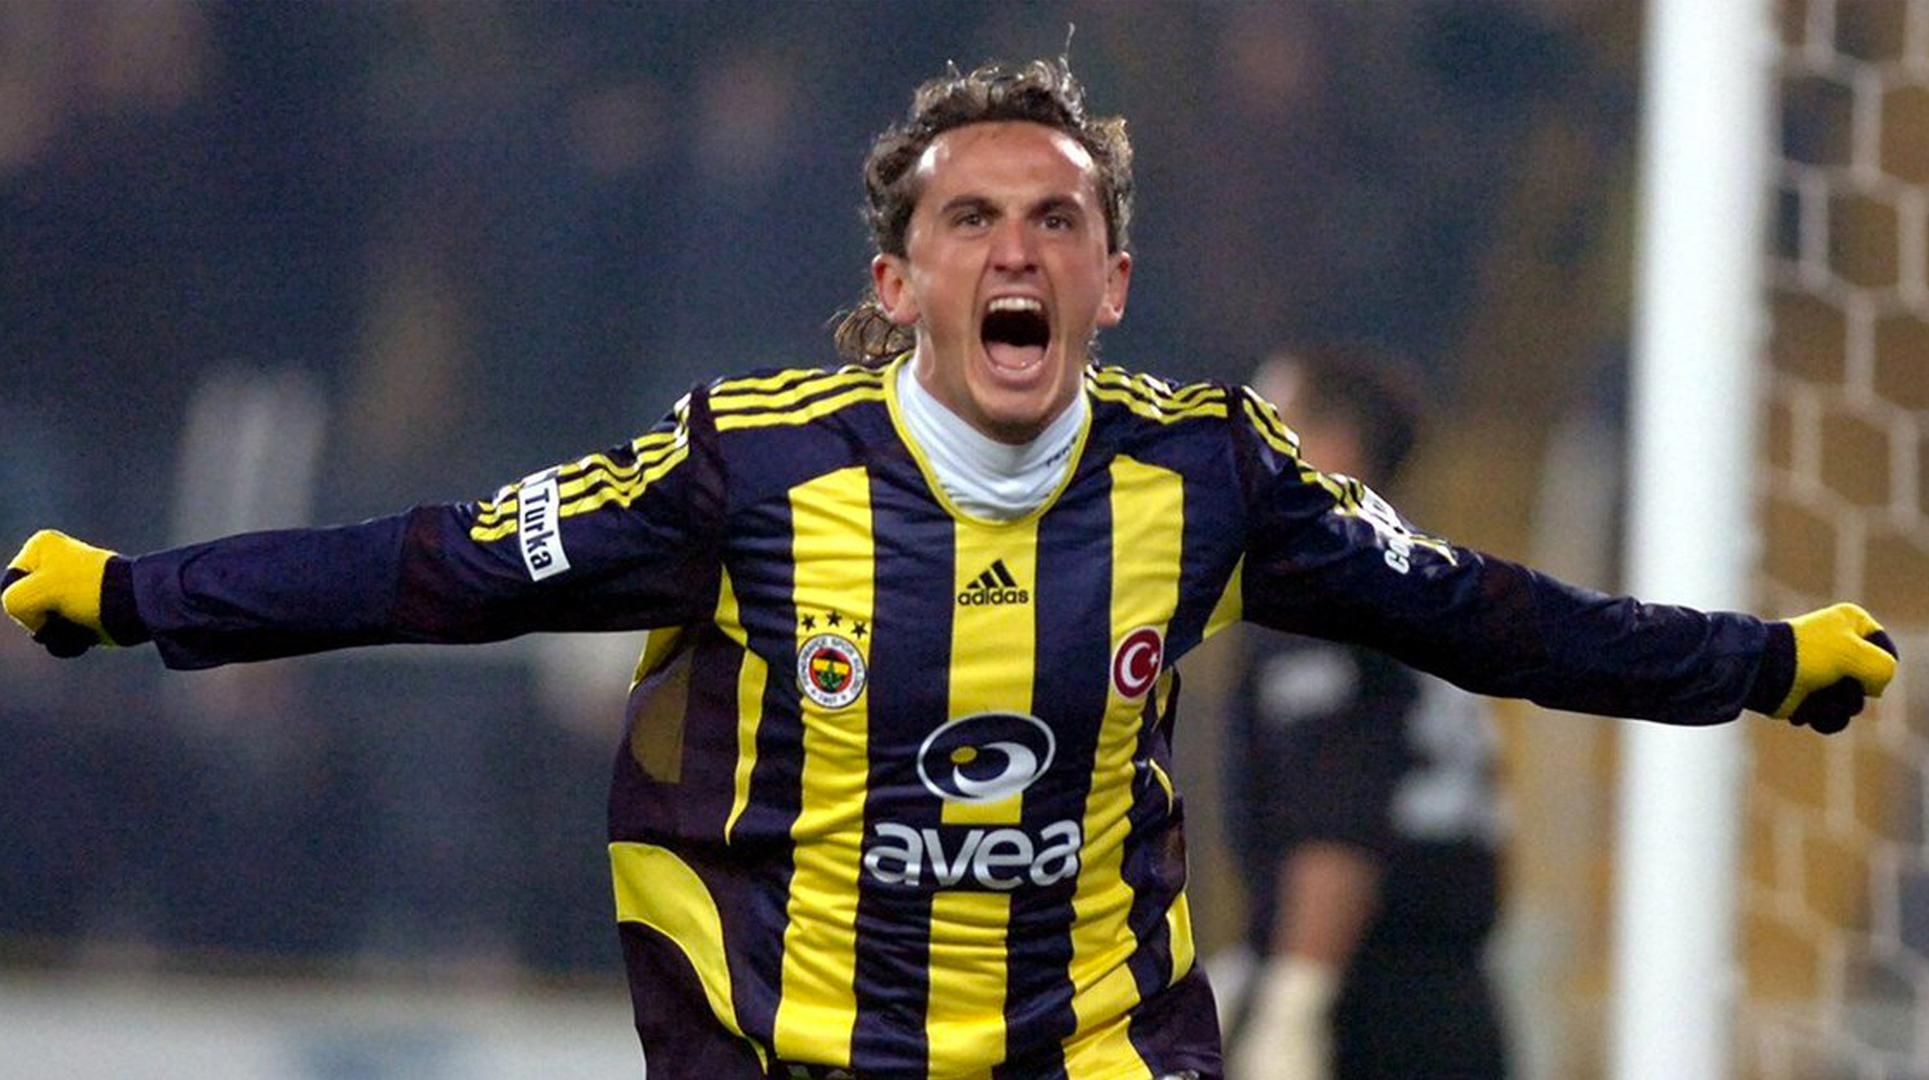 2000'li yıllarda Fenerbahçe'nin katkı sağlayan önemli yerli transferleri -  Fenerbahçe Spor Kulübü